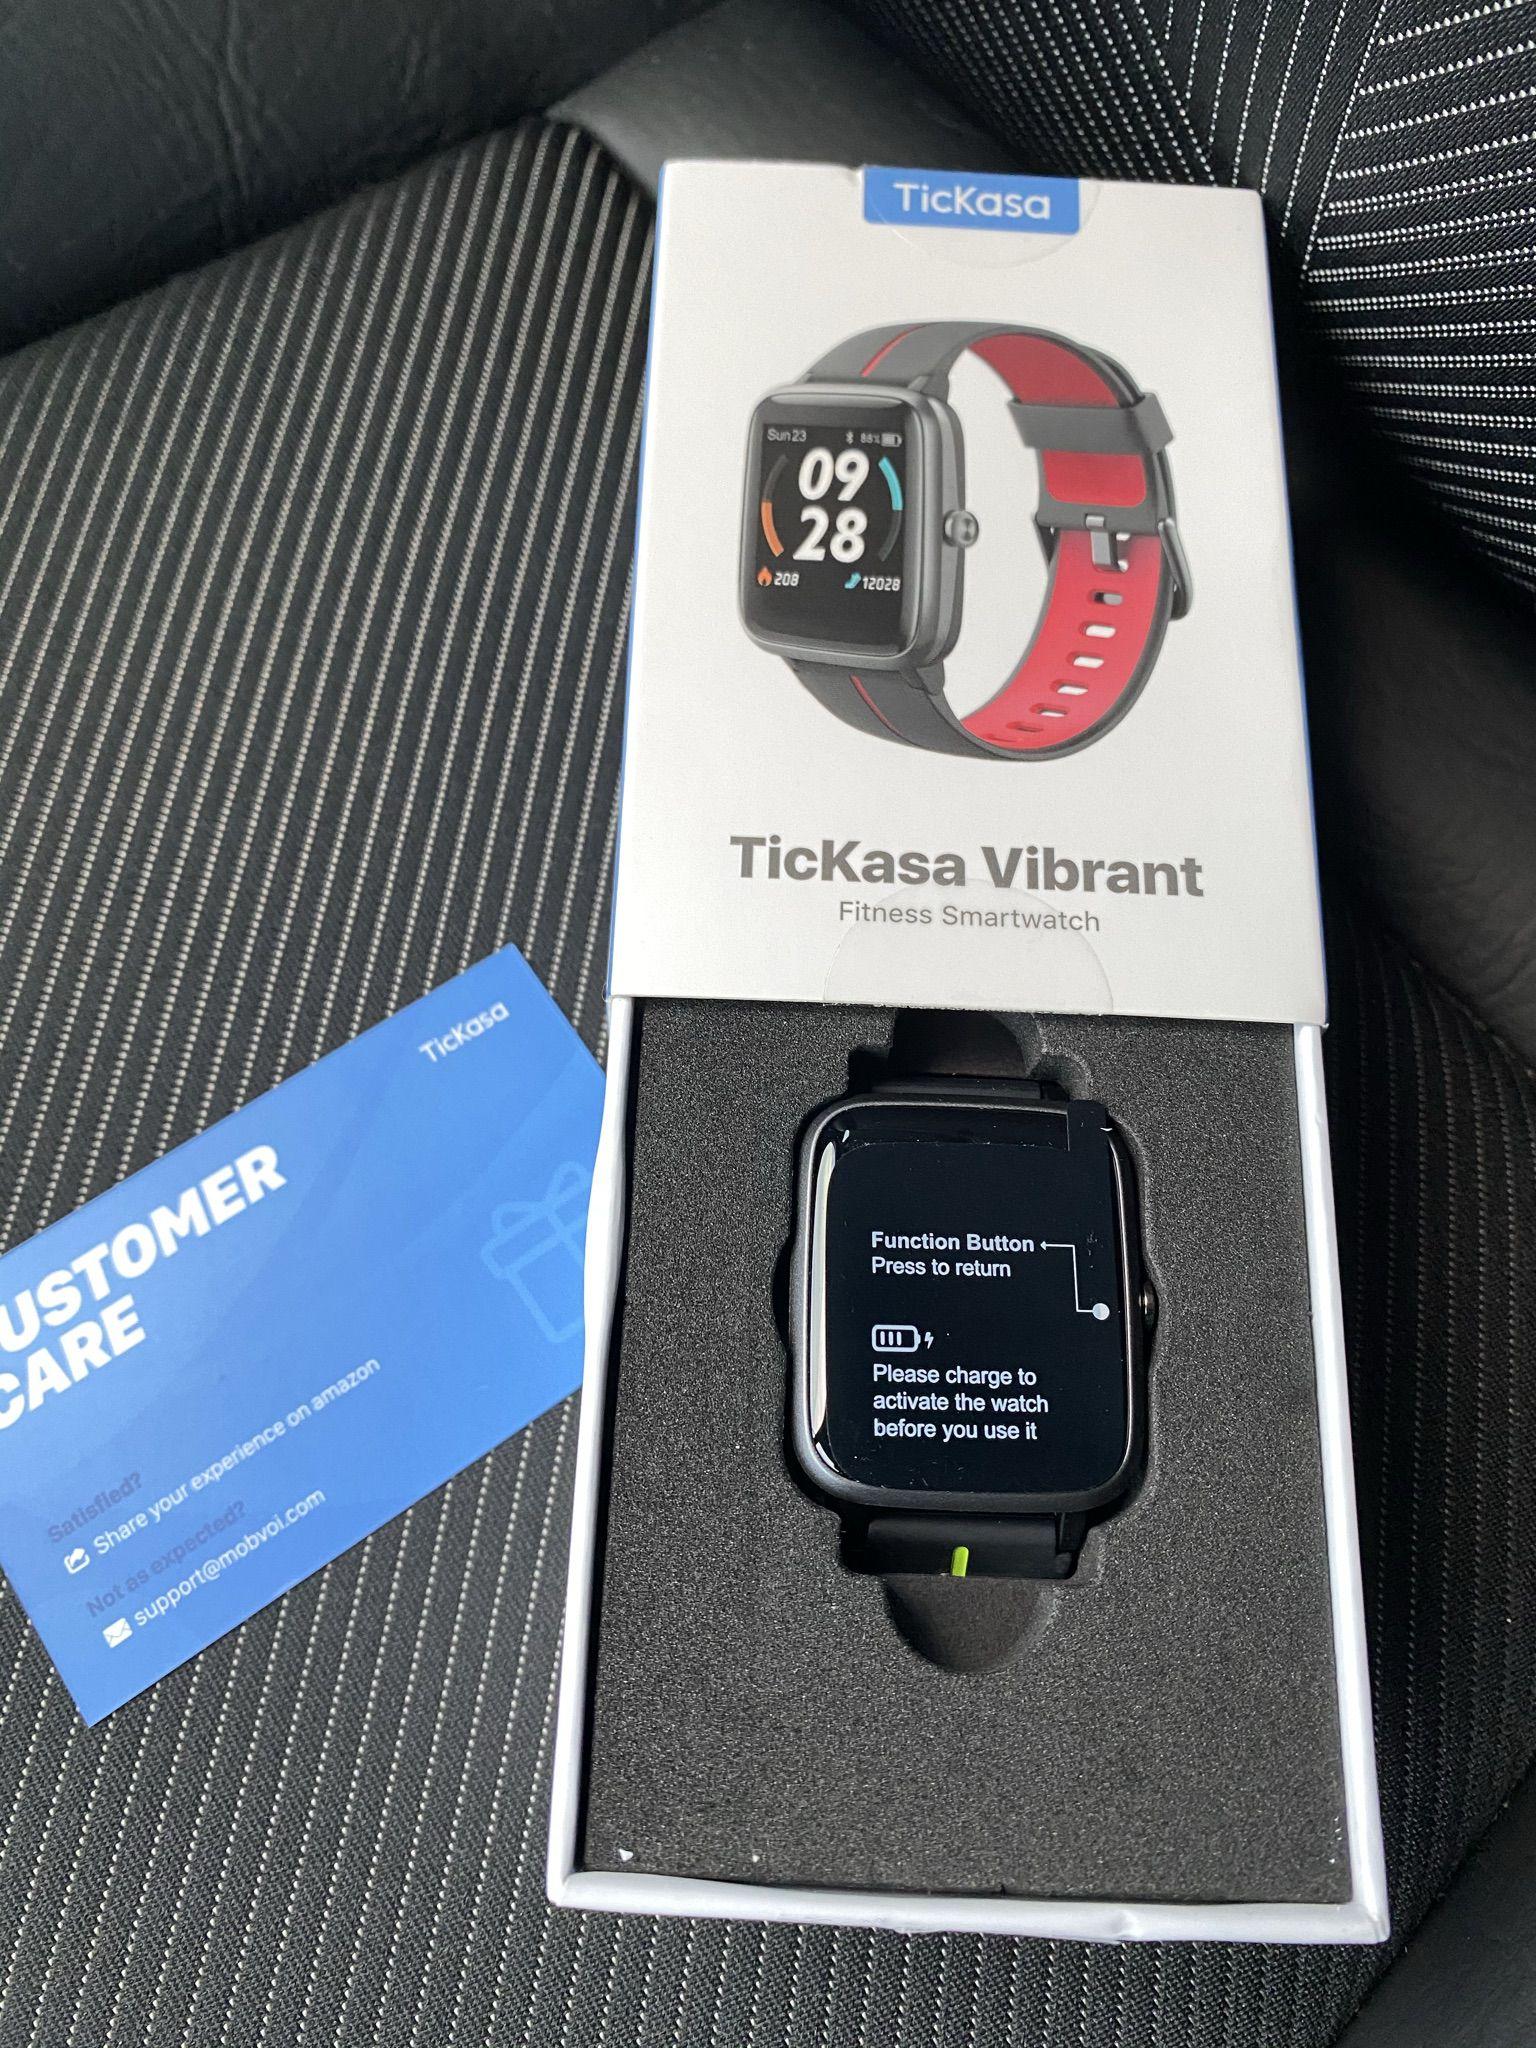 Recensione-TicKasa-Vibrant-17 Recensione TicKasa Vibrant, Fitness Smartwatch Economico